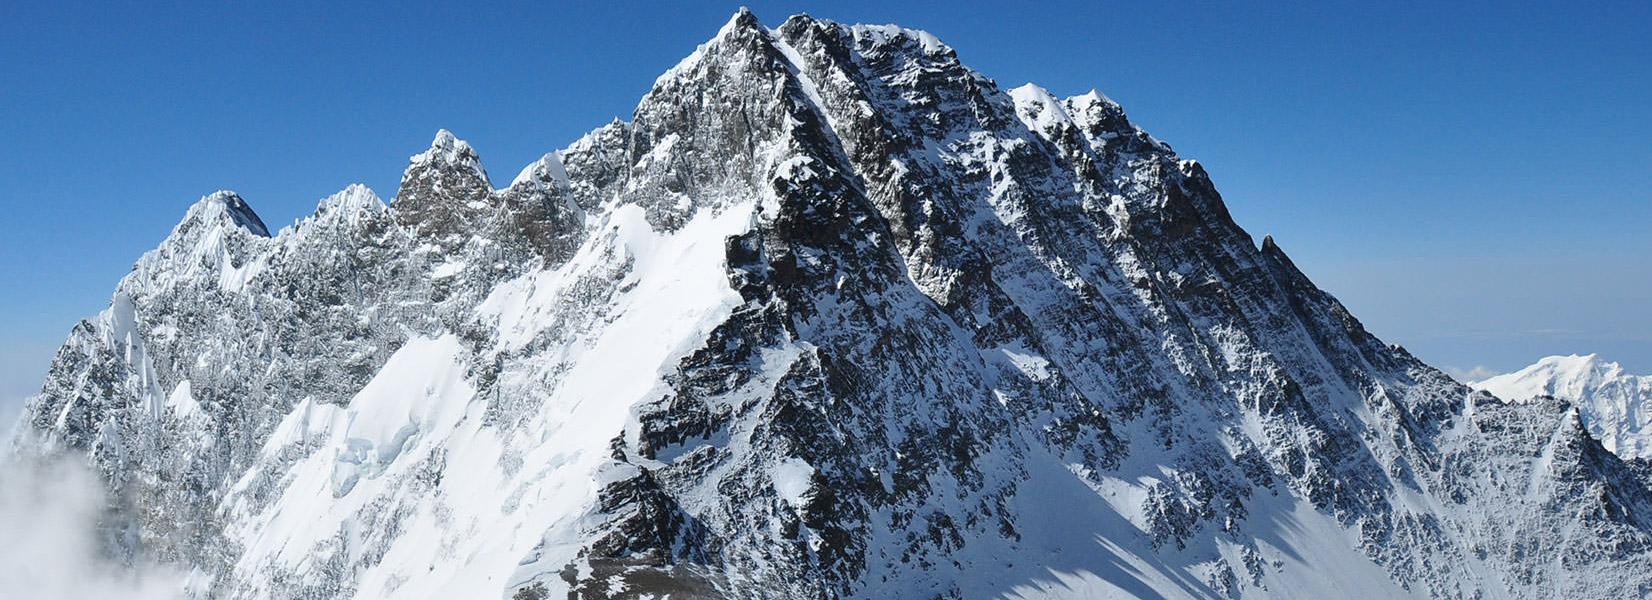 Lhotse-Expedtion